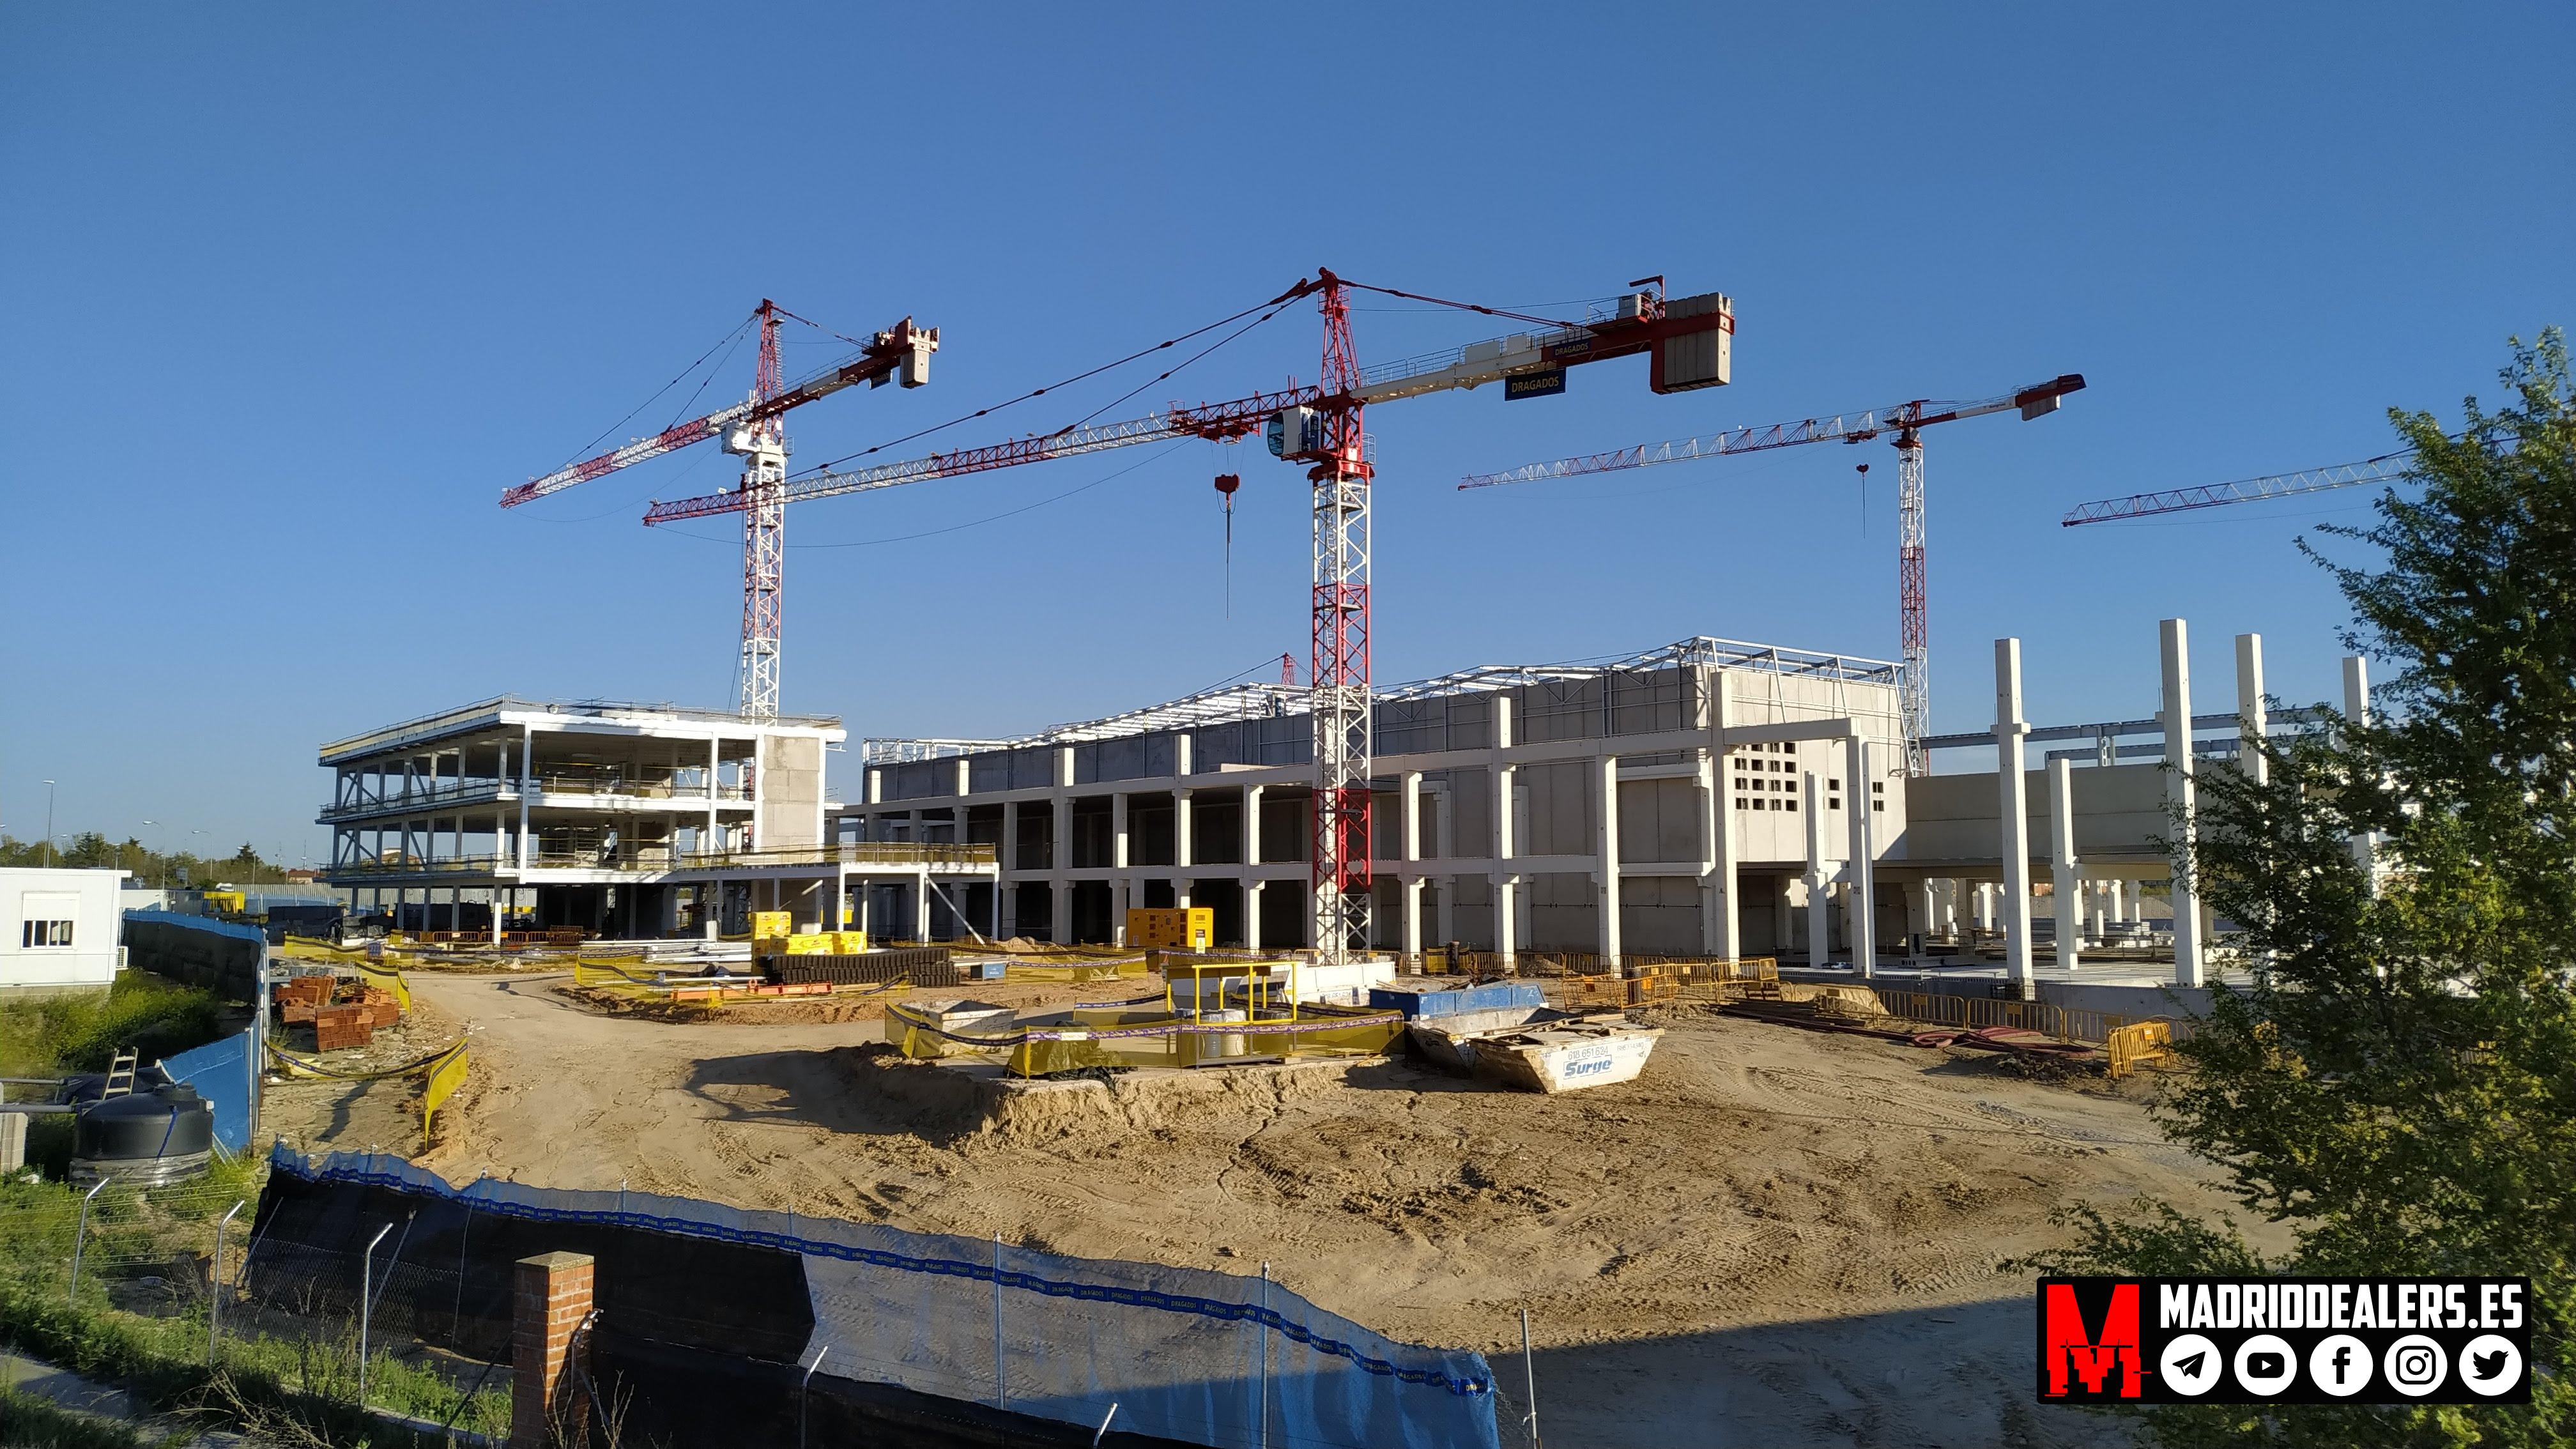 La nueva «Casa de Papel» (Vicálvaro, Madrid)